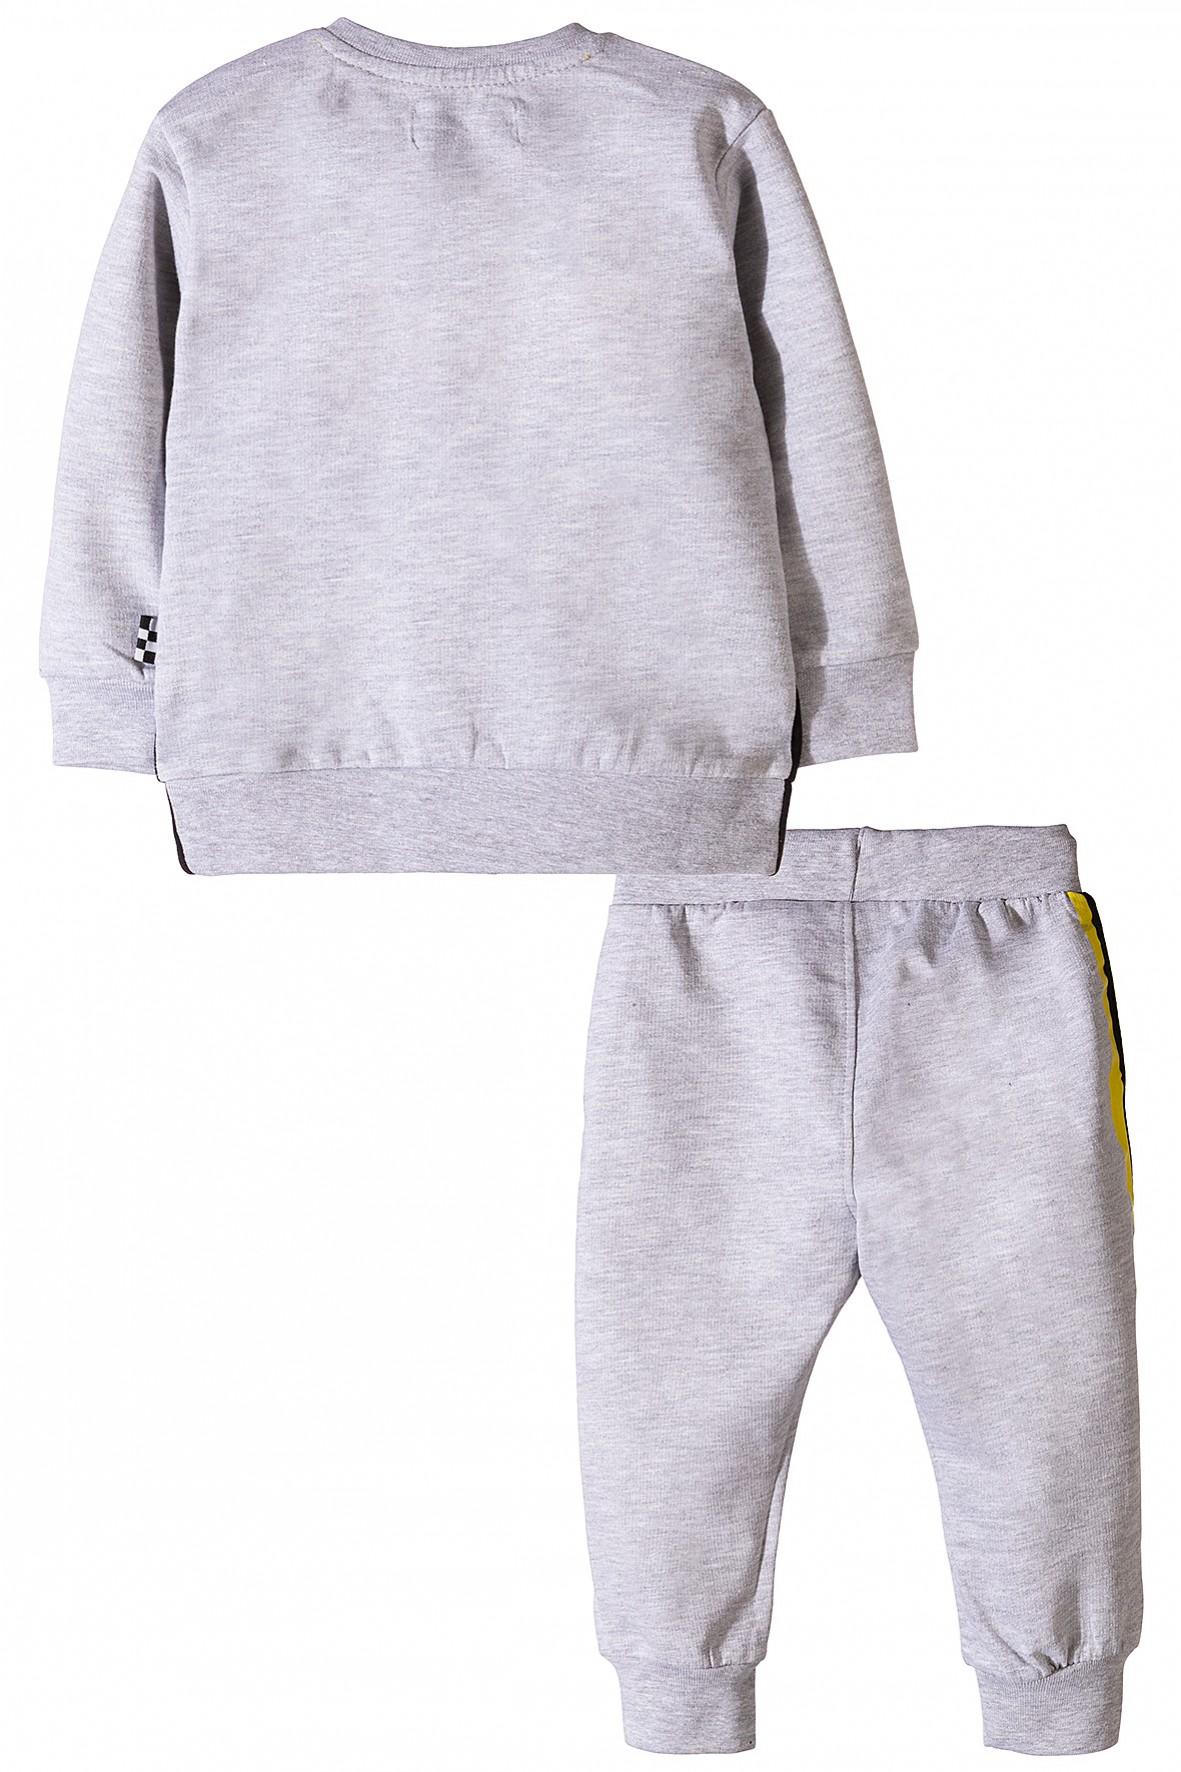 57274ff273 ... Komplet dla niemowlaka – bluza dresowa i spodnie